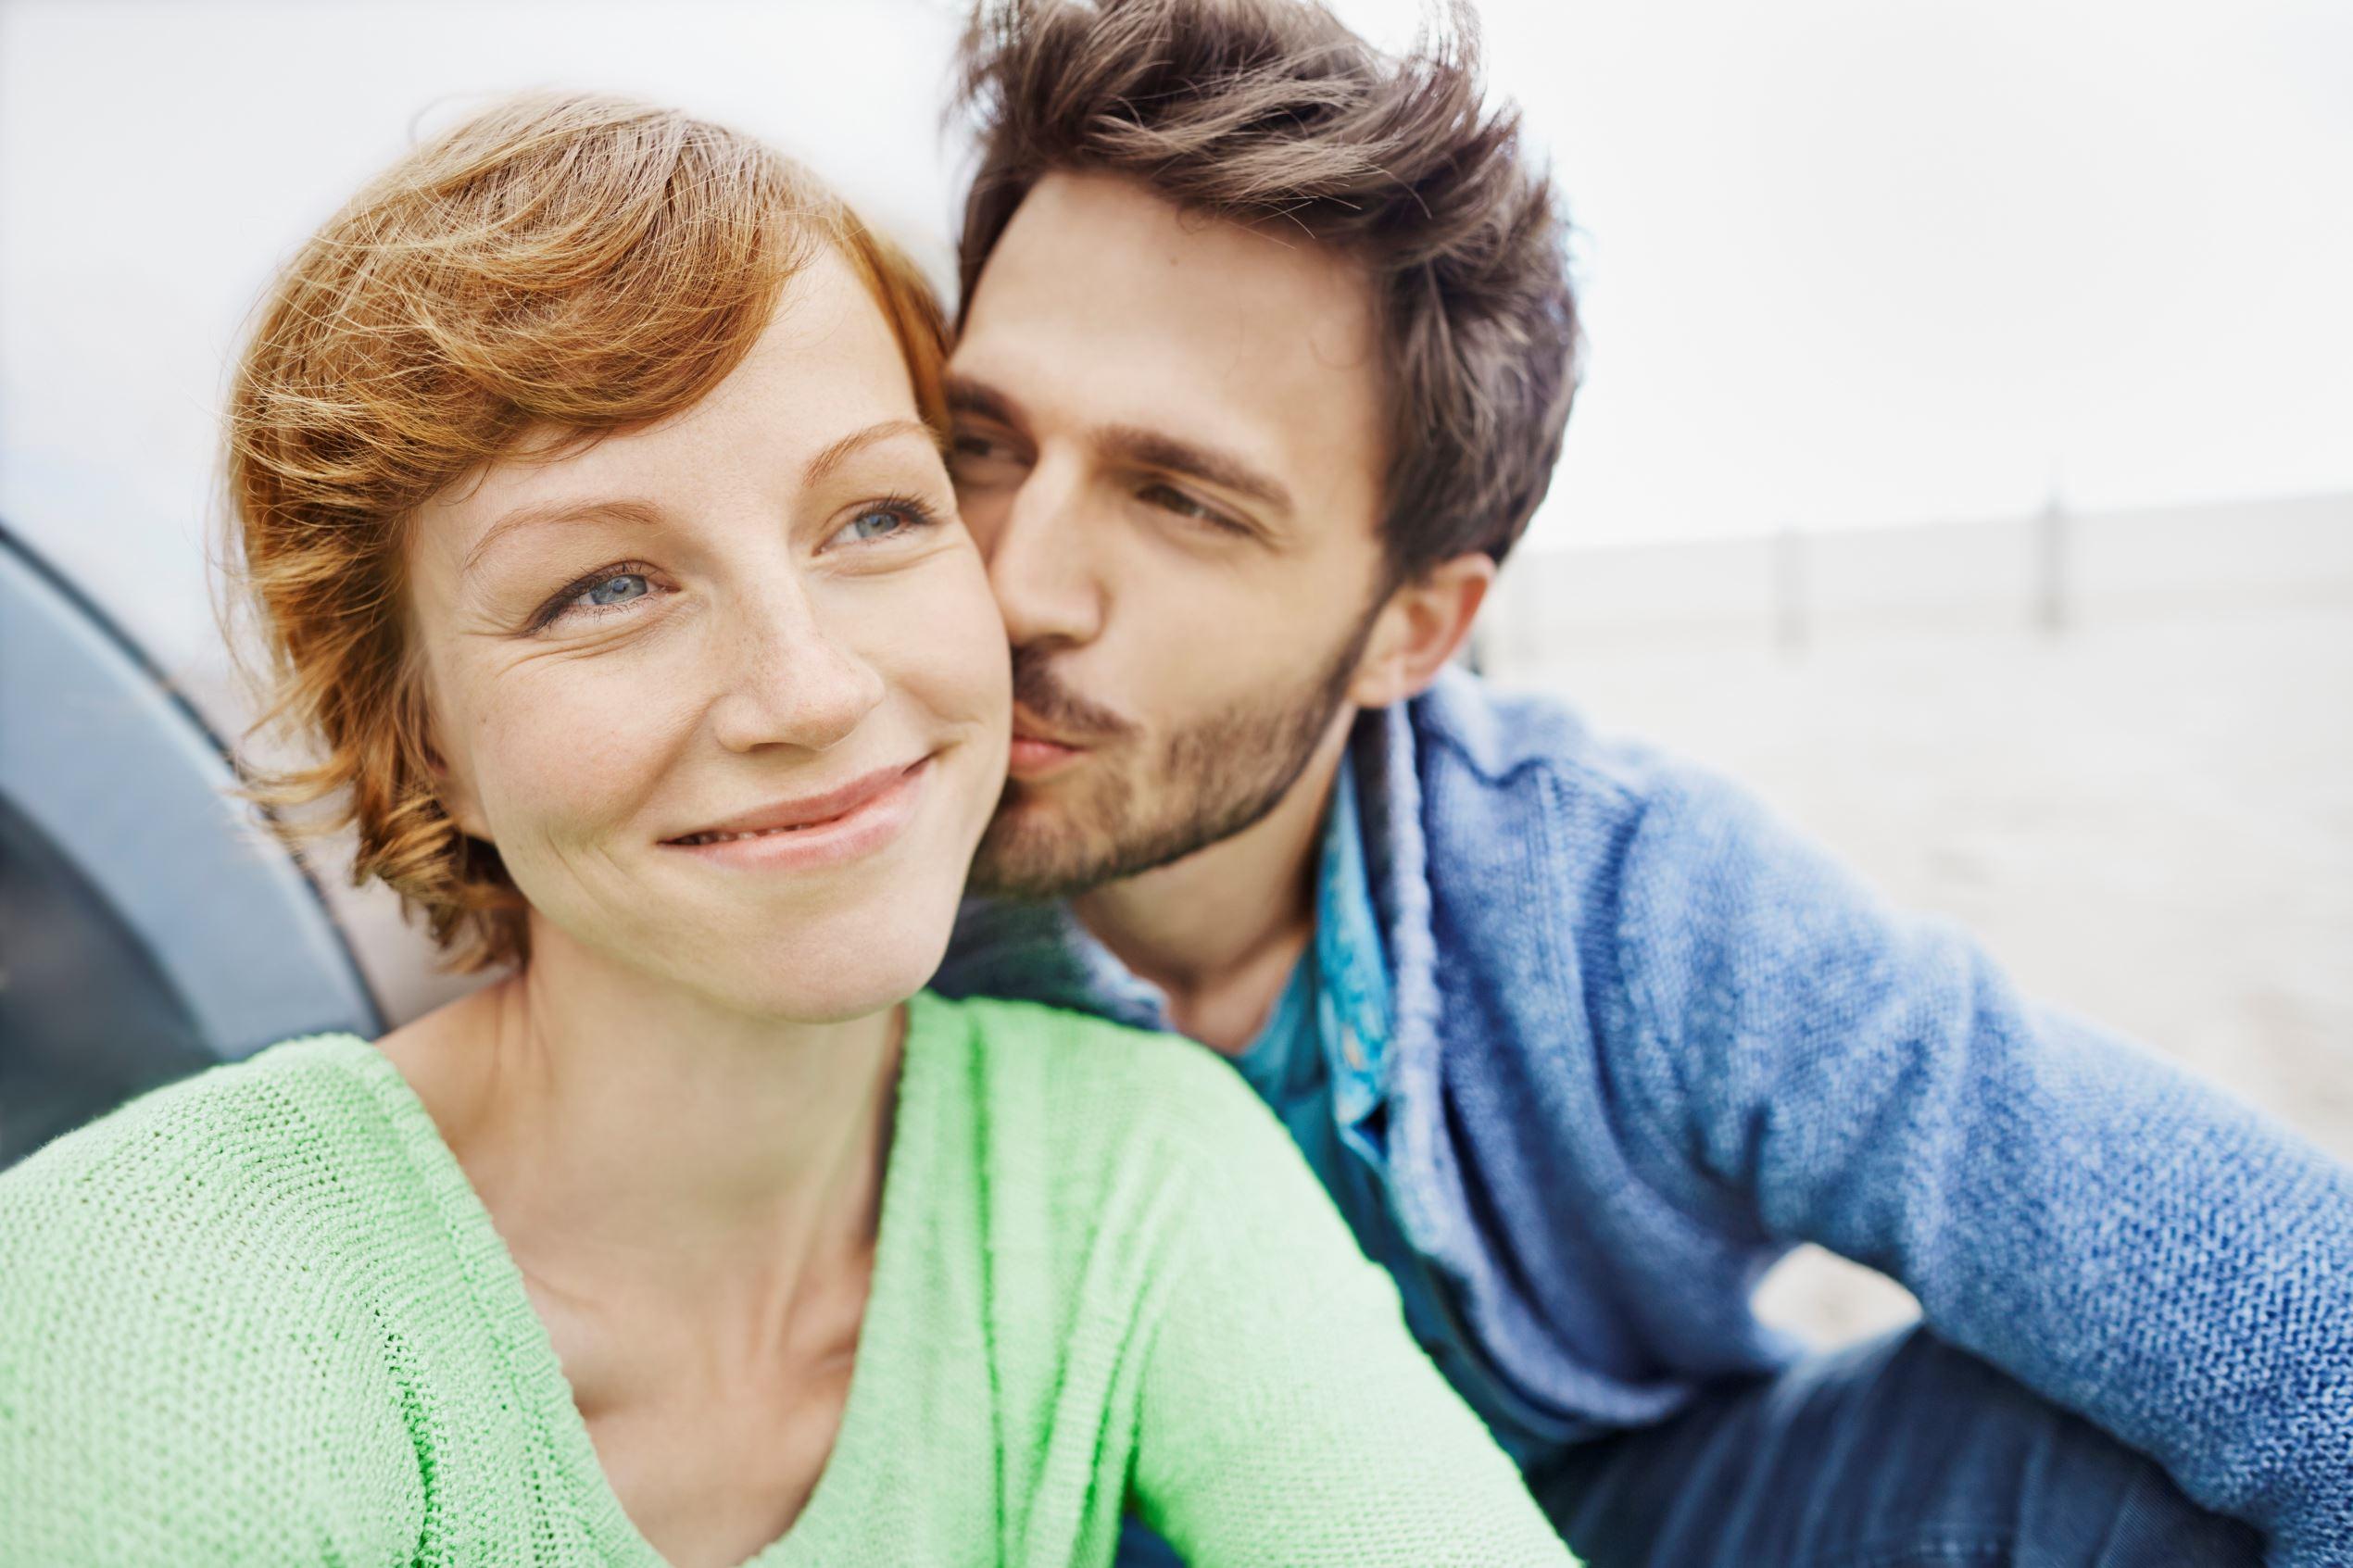 Gjennomsnittlig tid for dating før gifte seg